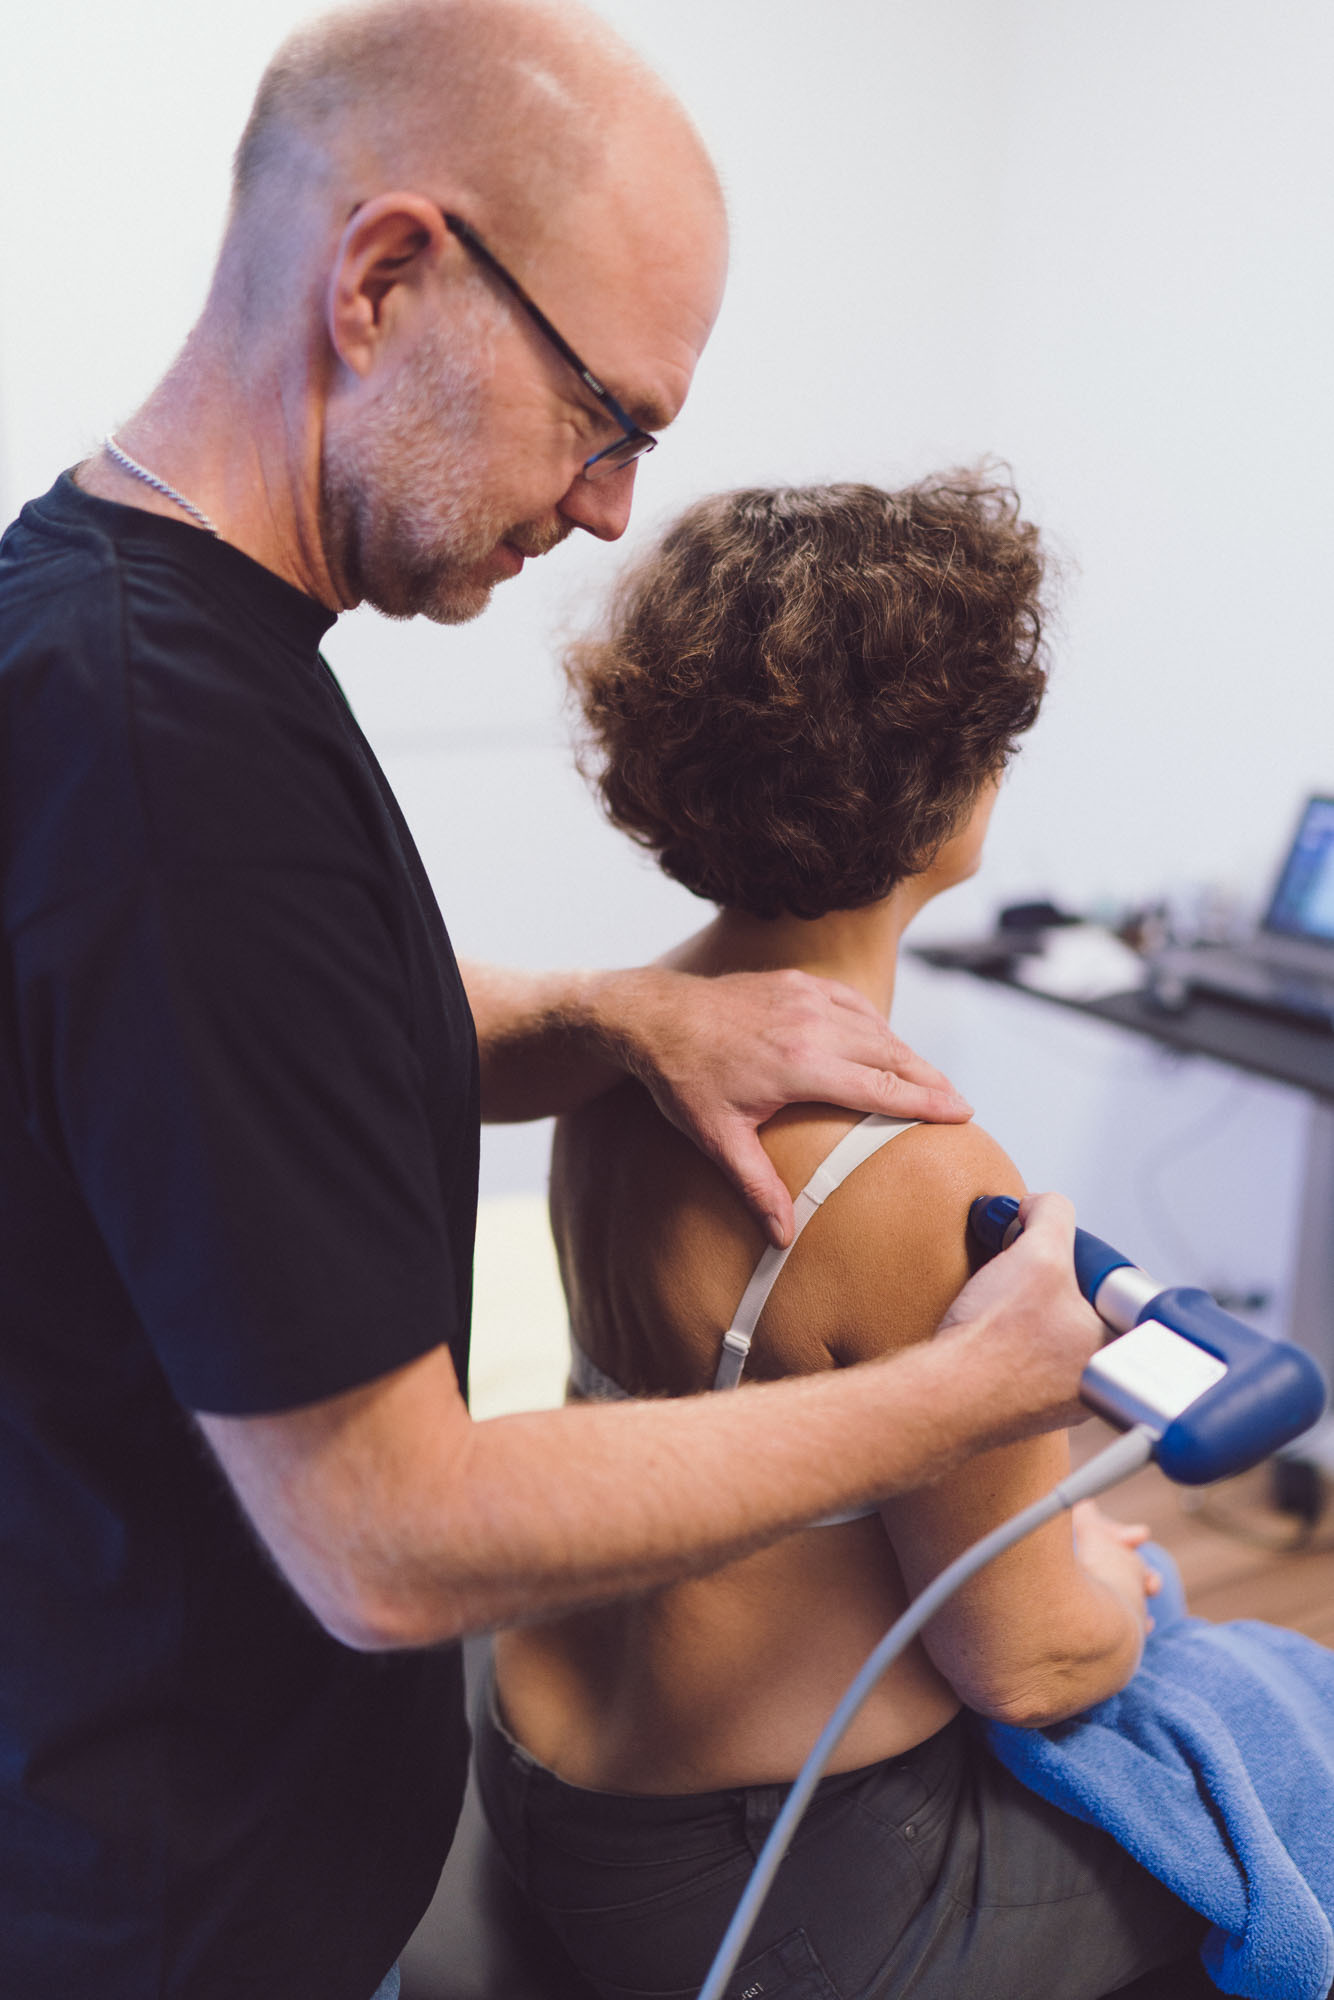 Behandling med shockwave hos en fysioterapeut